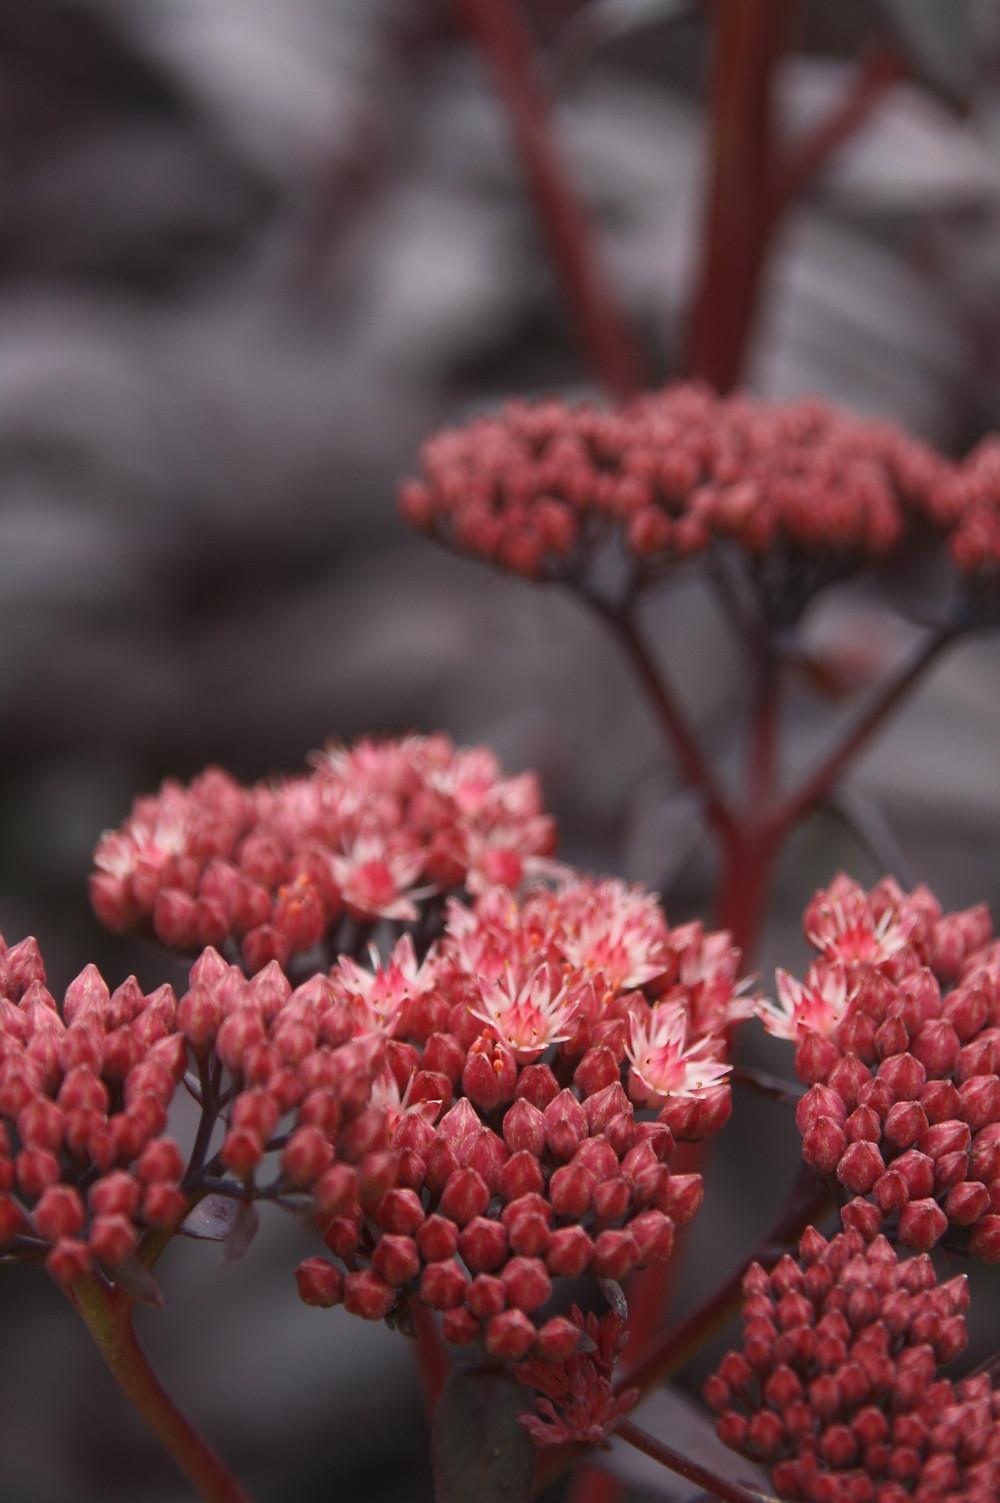 sedum flower purple emperor pink blooms red leaves